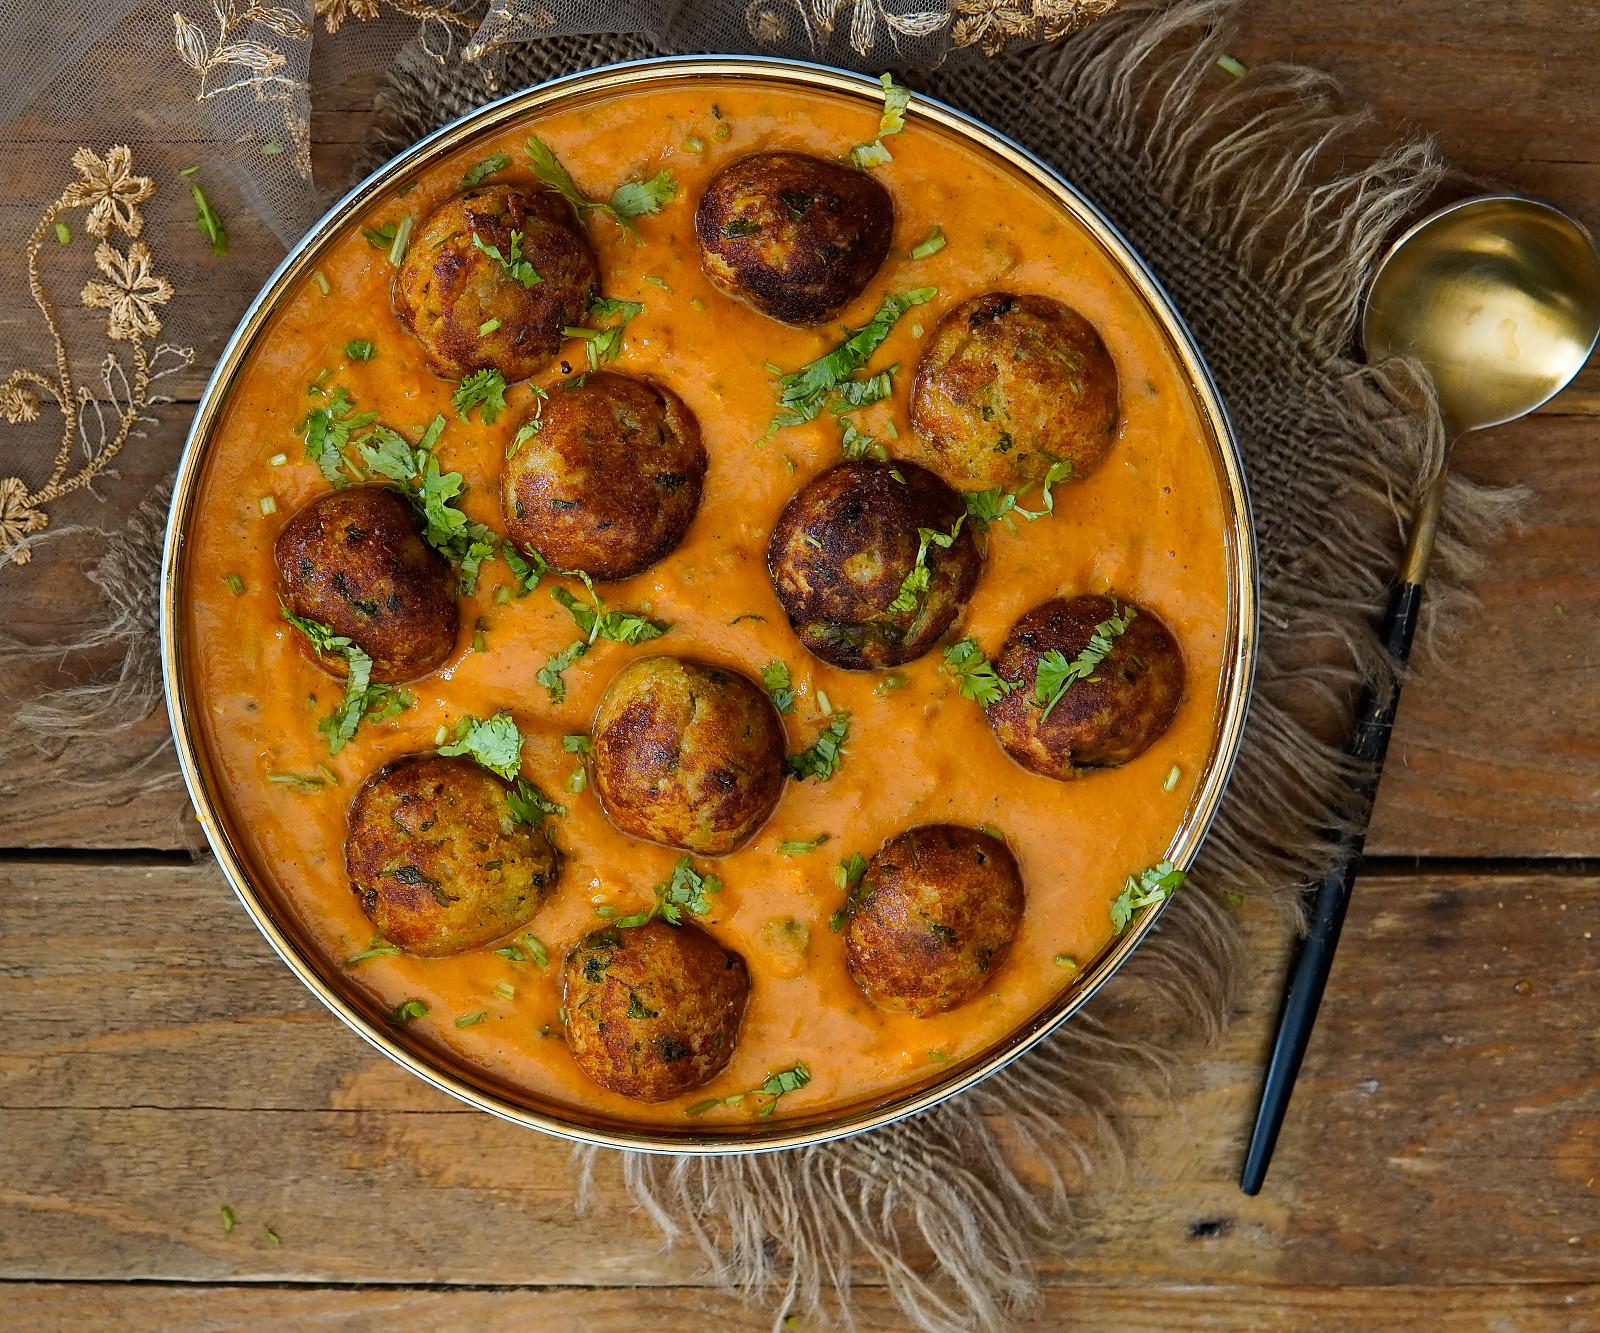 Malai Kofta Curry Recipe - Creamy and Healthy Paneer Aloo Kofta Curry by Archana's Kitchen